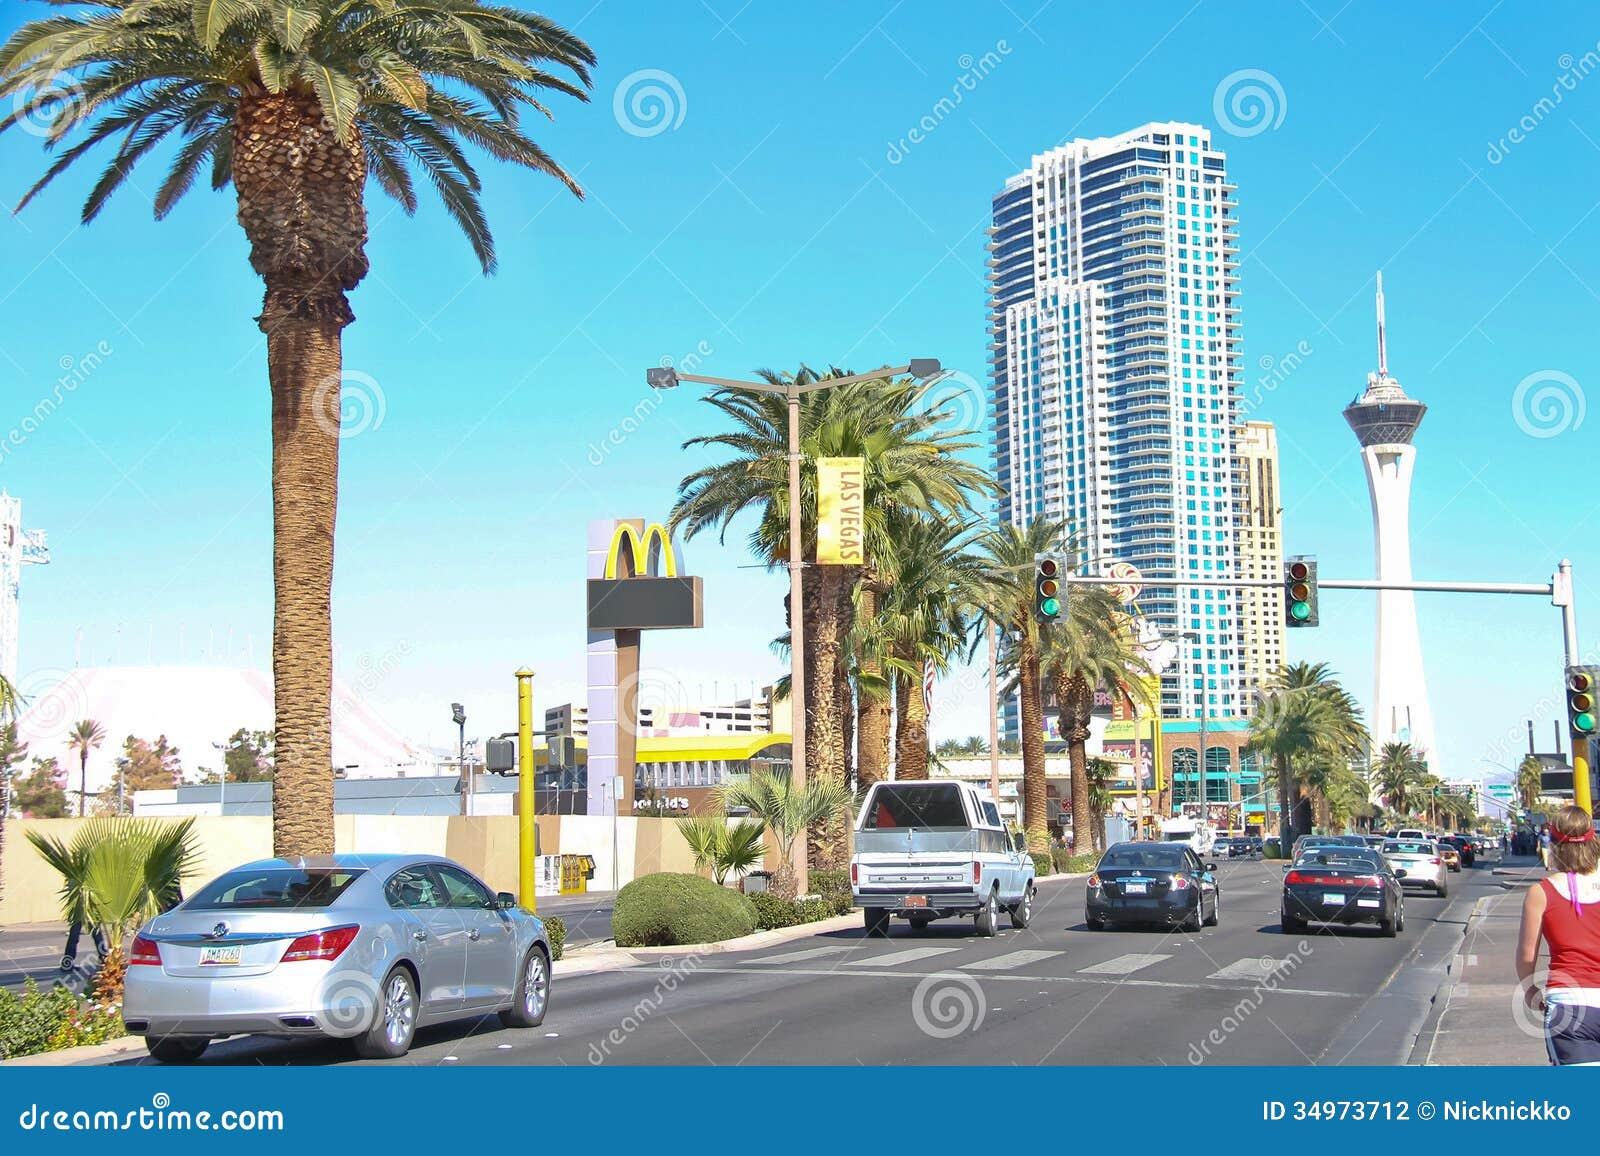 Auto s op de weg in het centrale deel van stad in Las Vegas, Nevad